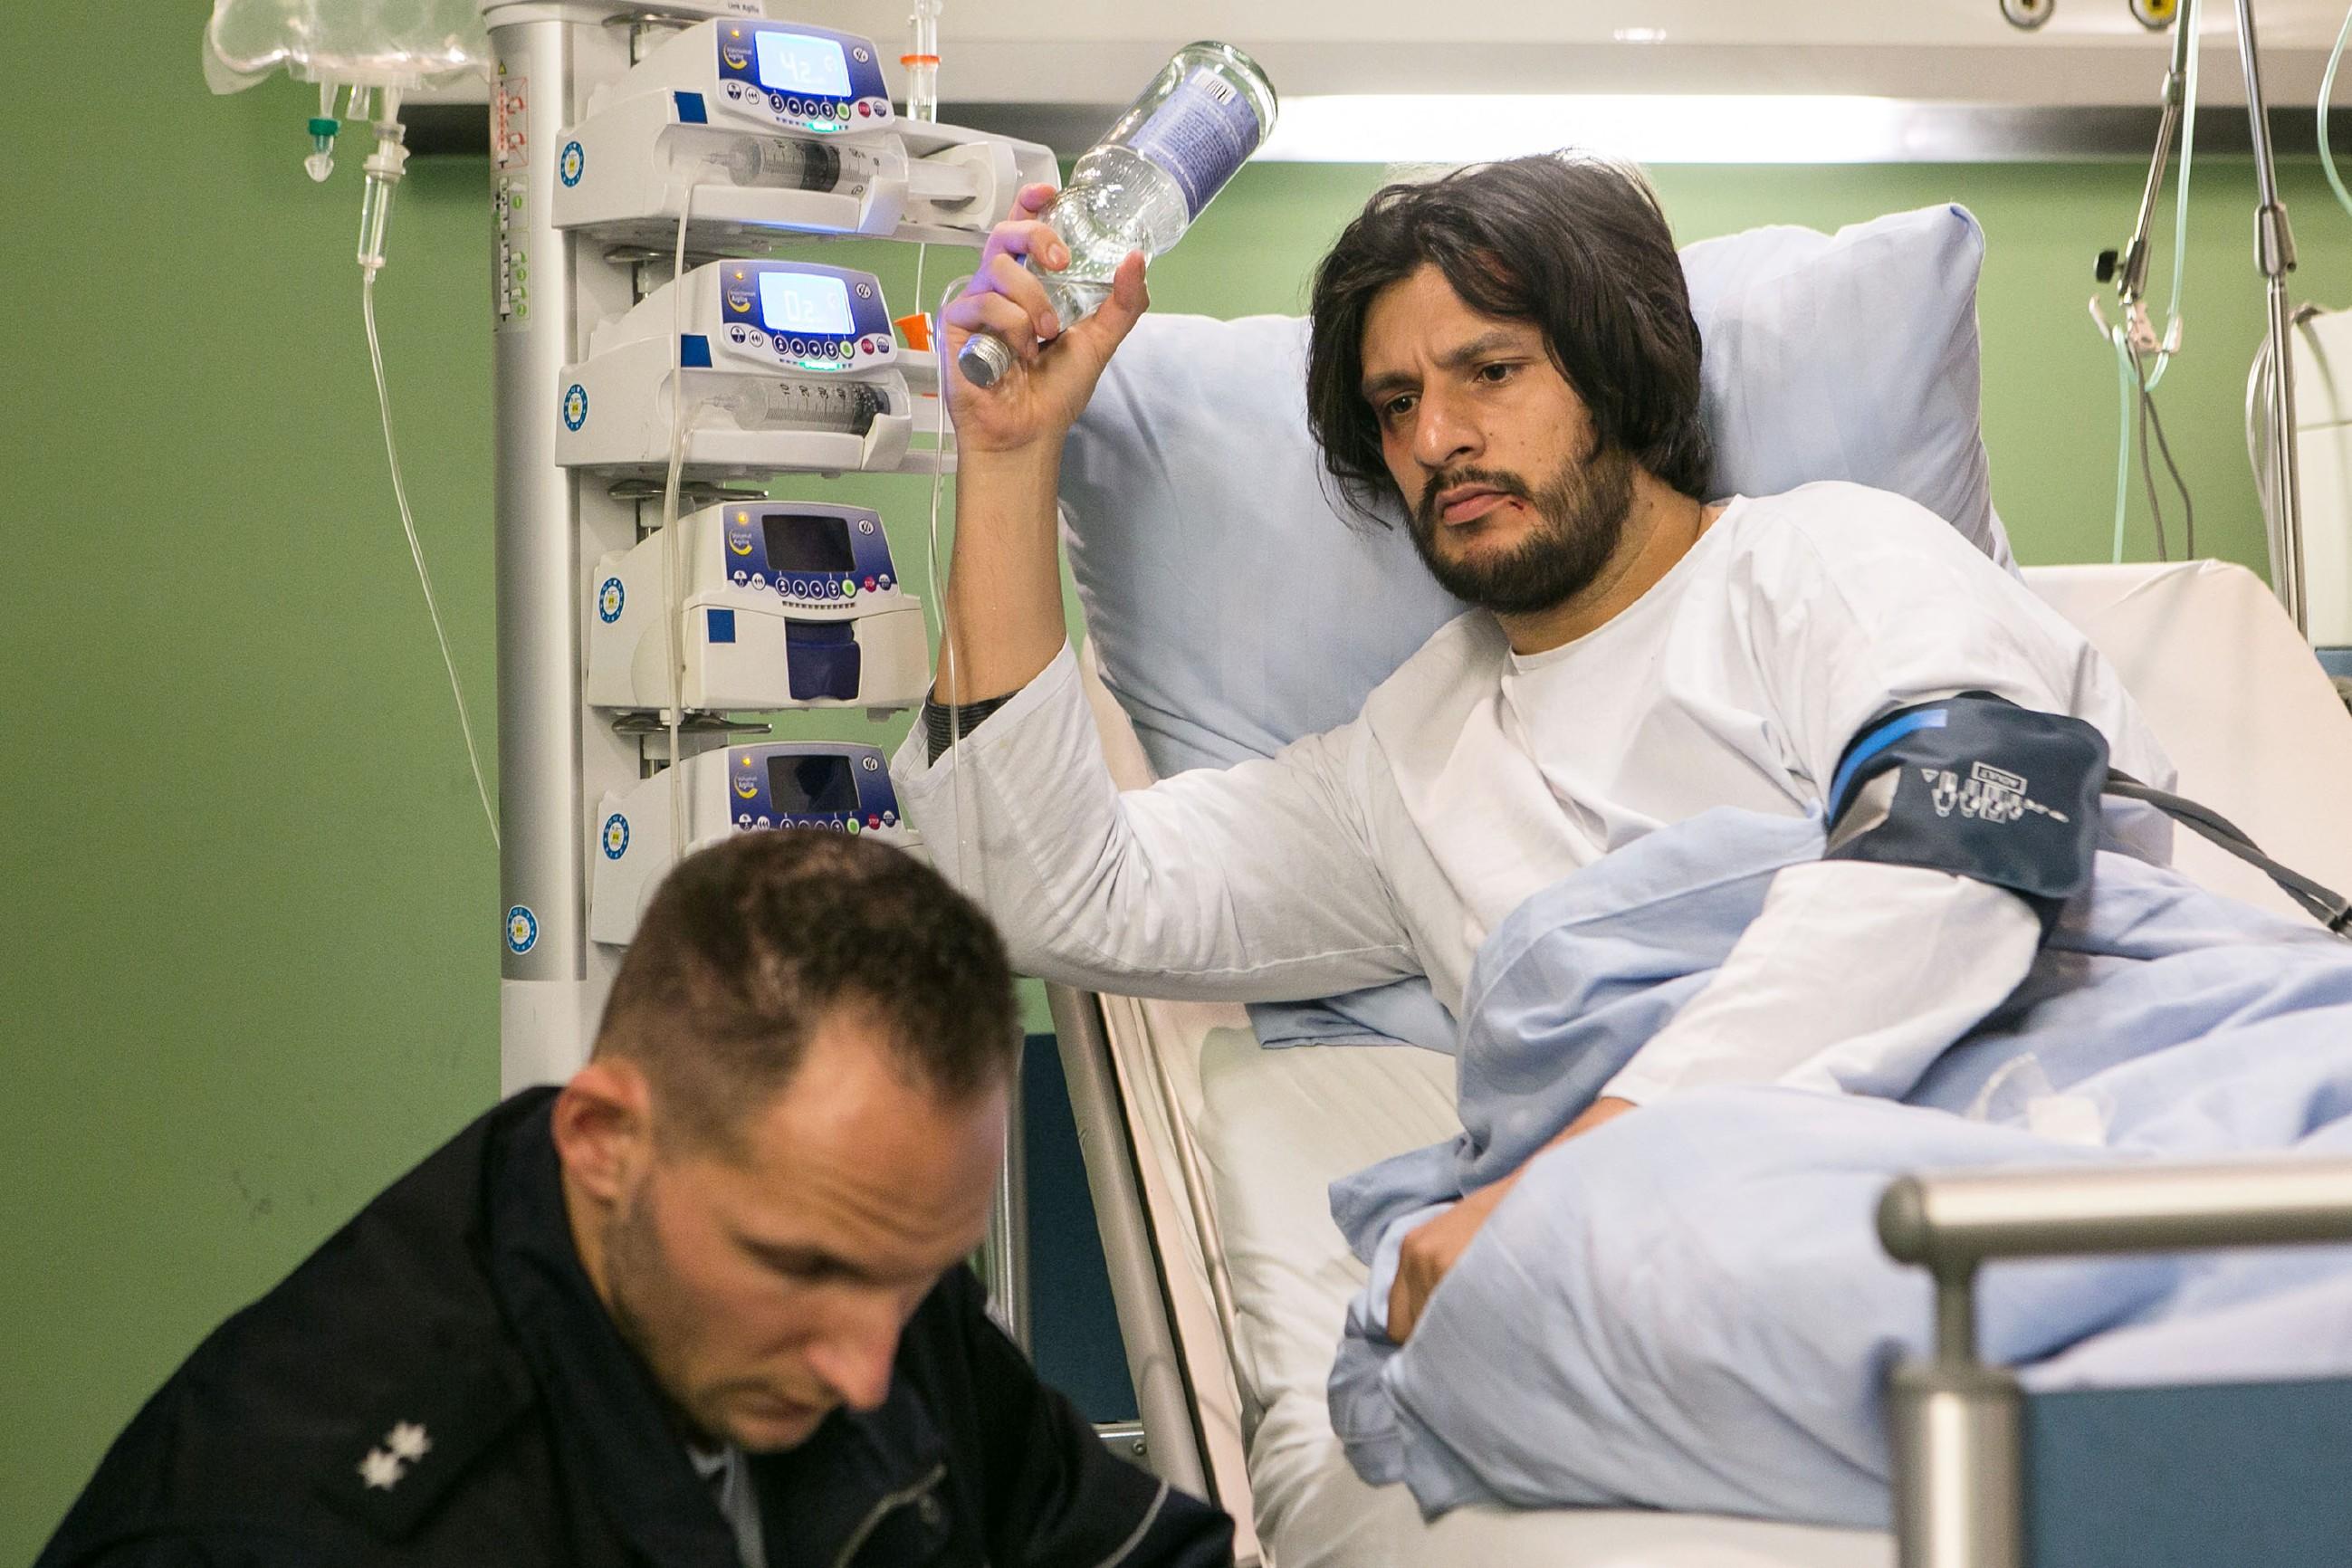 Maximilian (Francisco Medina, r.) schlägt im Krankenzimmer einen Sicherheitsbeamten (Komparse) nieder, um die Flucht aus dem Krankenzimmer zu wagen... (Quelle: RTL / Kai Schulz)